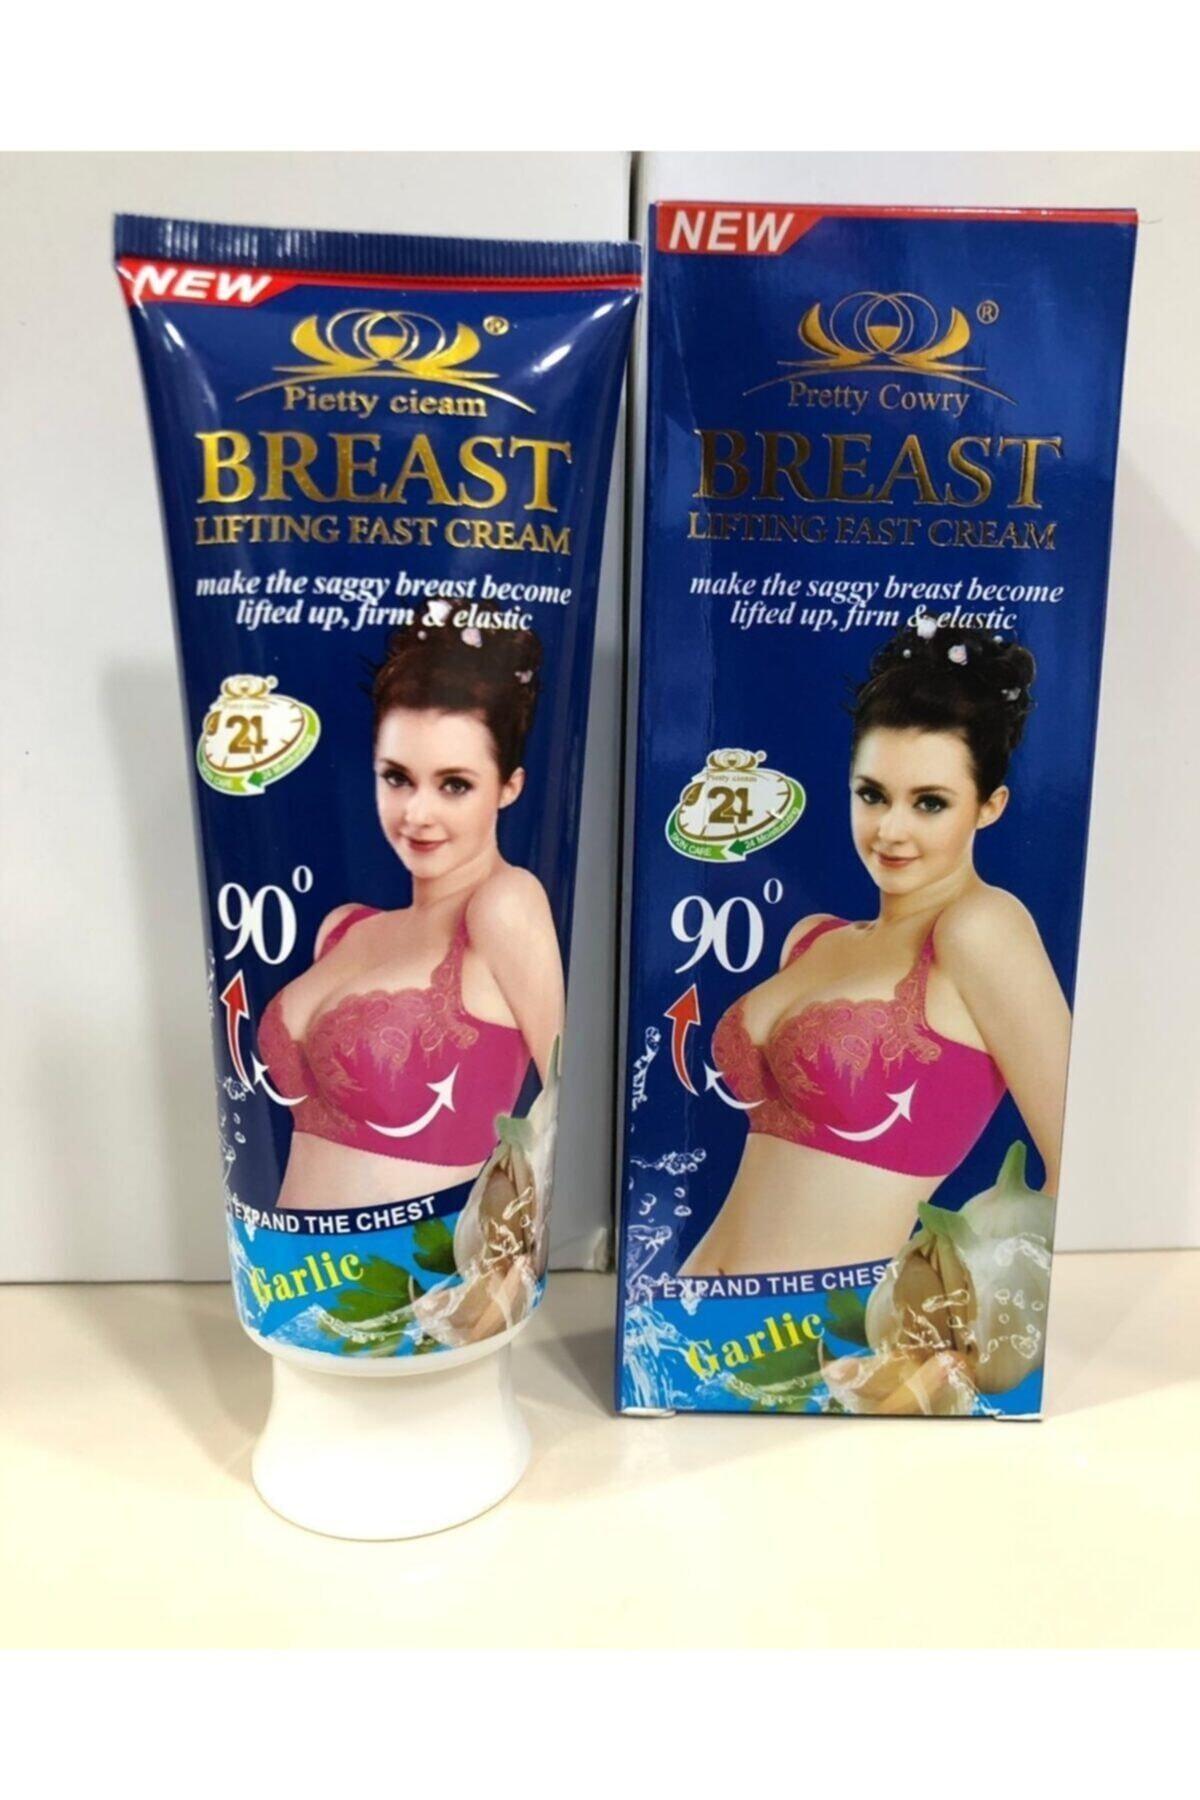 BREASTLIGHT Breast Garlie Özlü Göğüs Büyütücü, Dikleştirici Krem 1